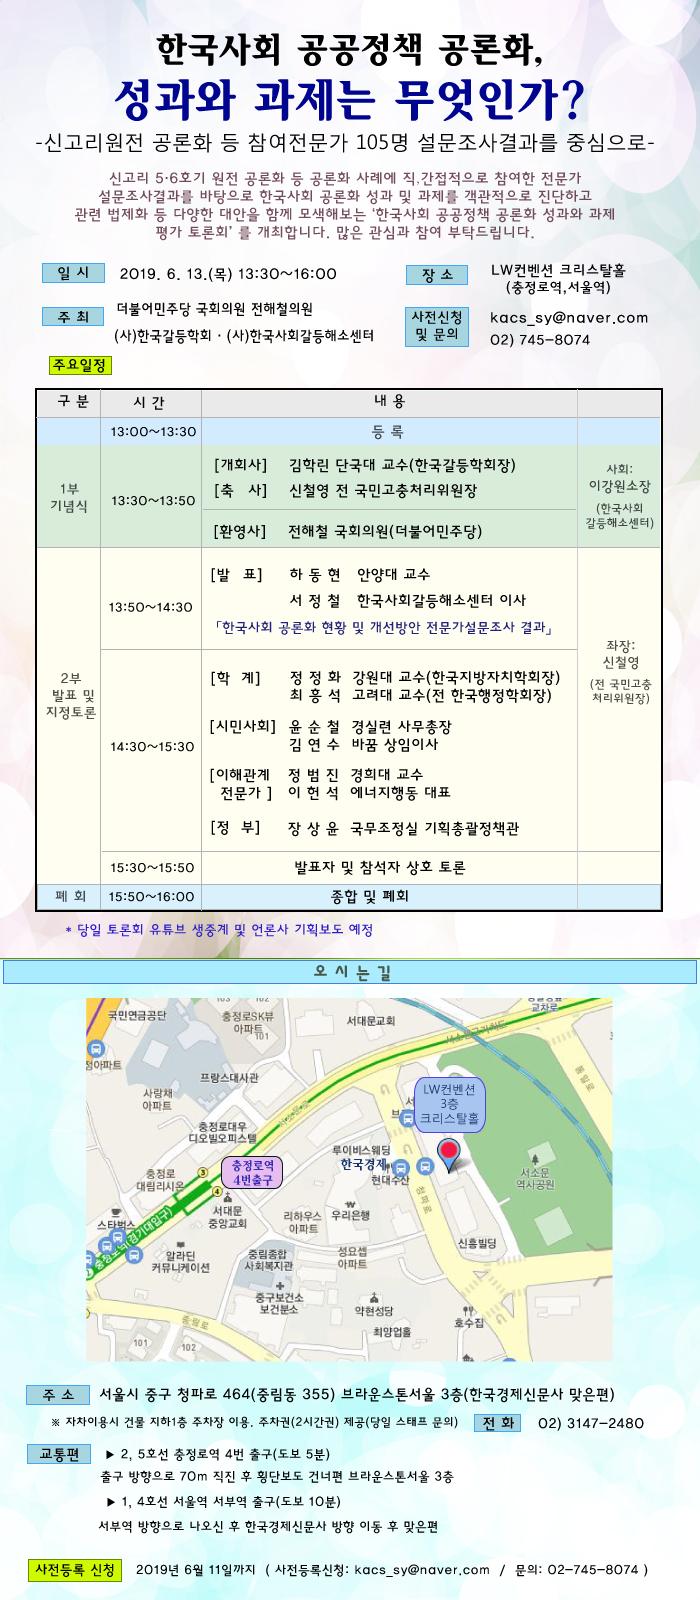 한국갈등학회_공론화 성과와과제 평가토론회(0613)_초청장.jpg